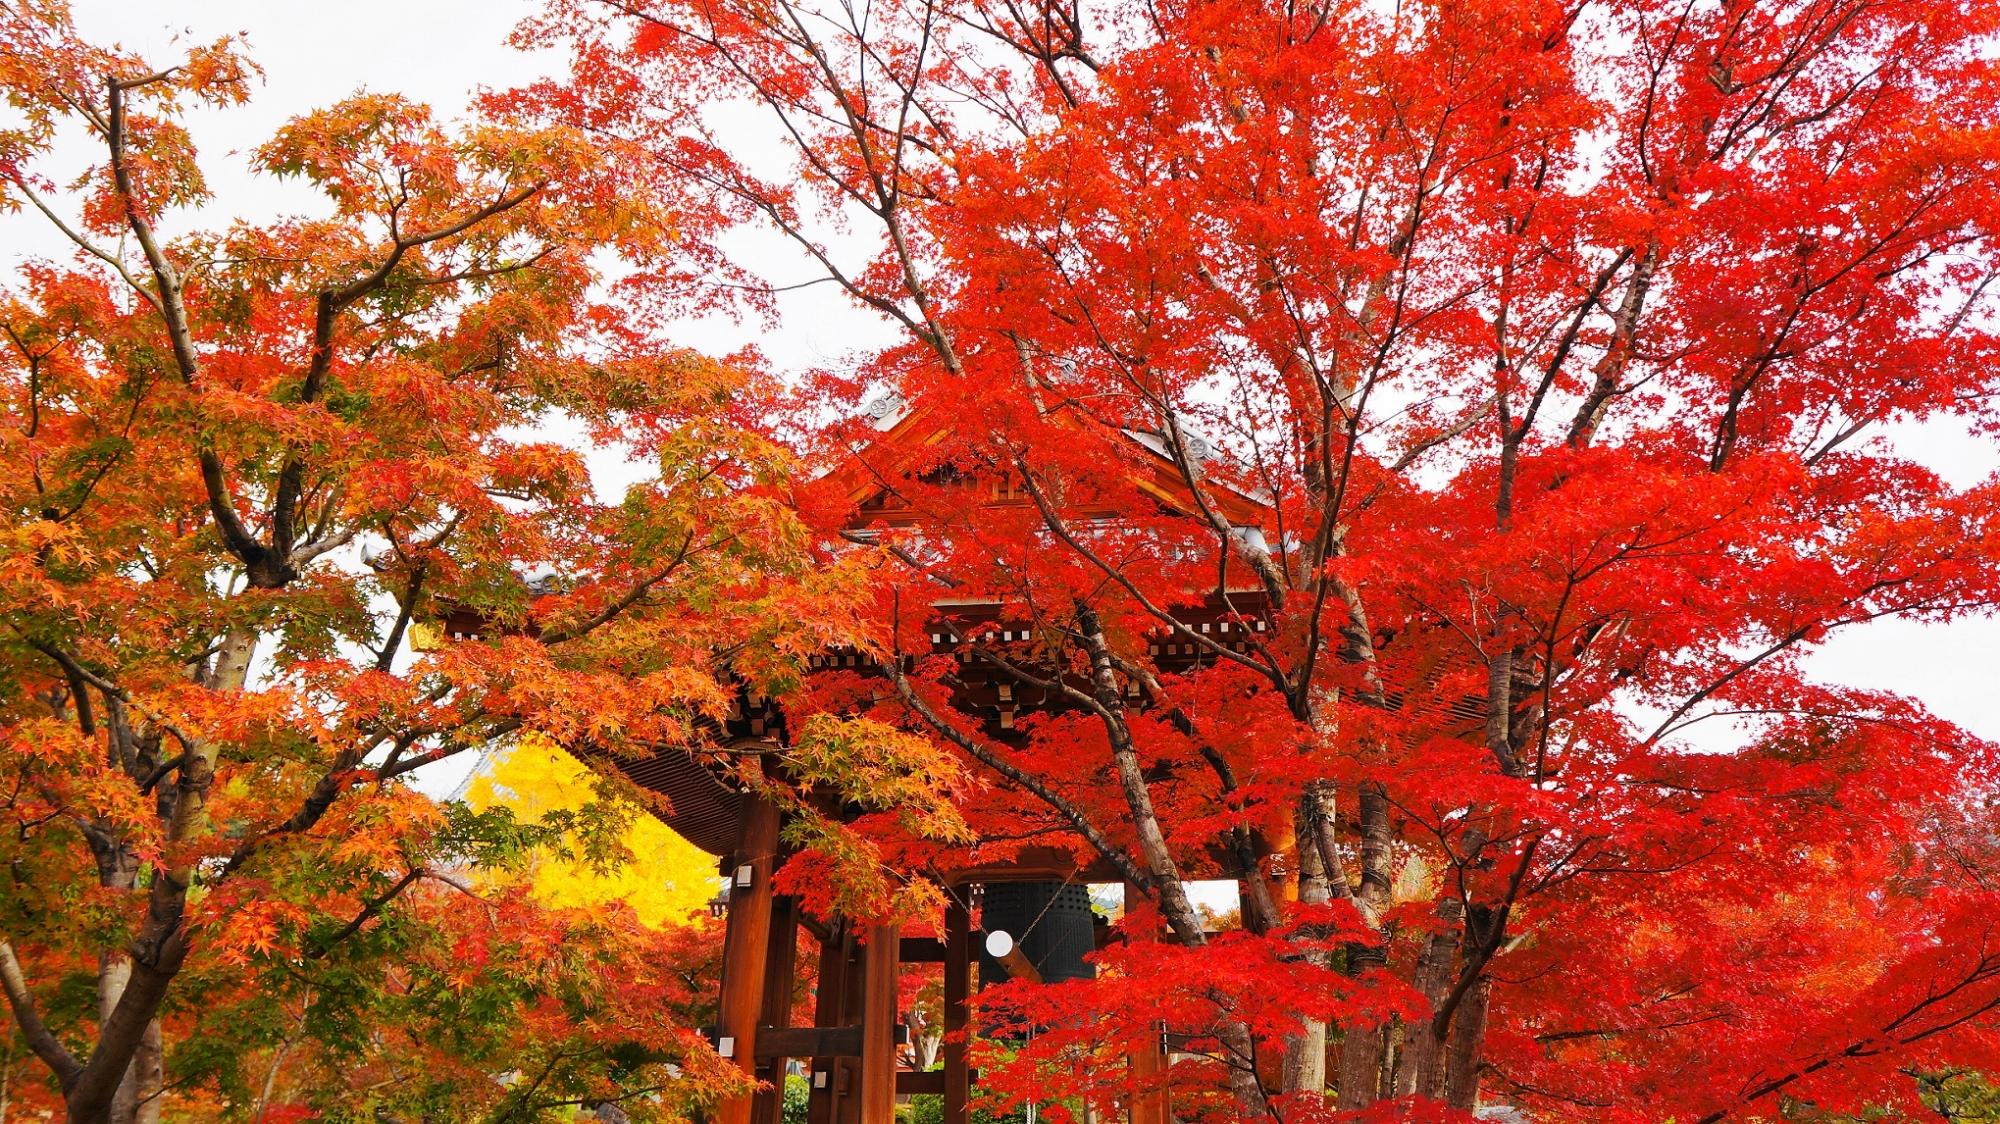 見事な秋色に染まる鐘楼と境内